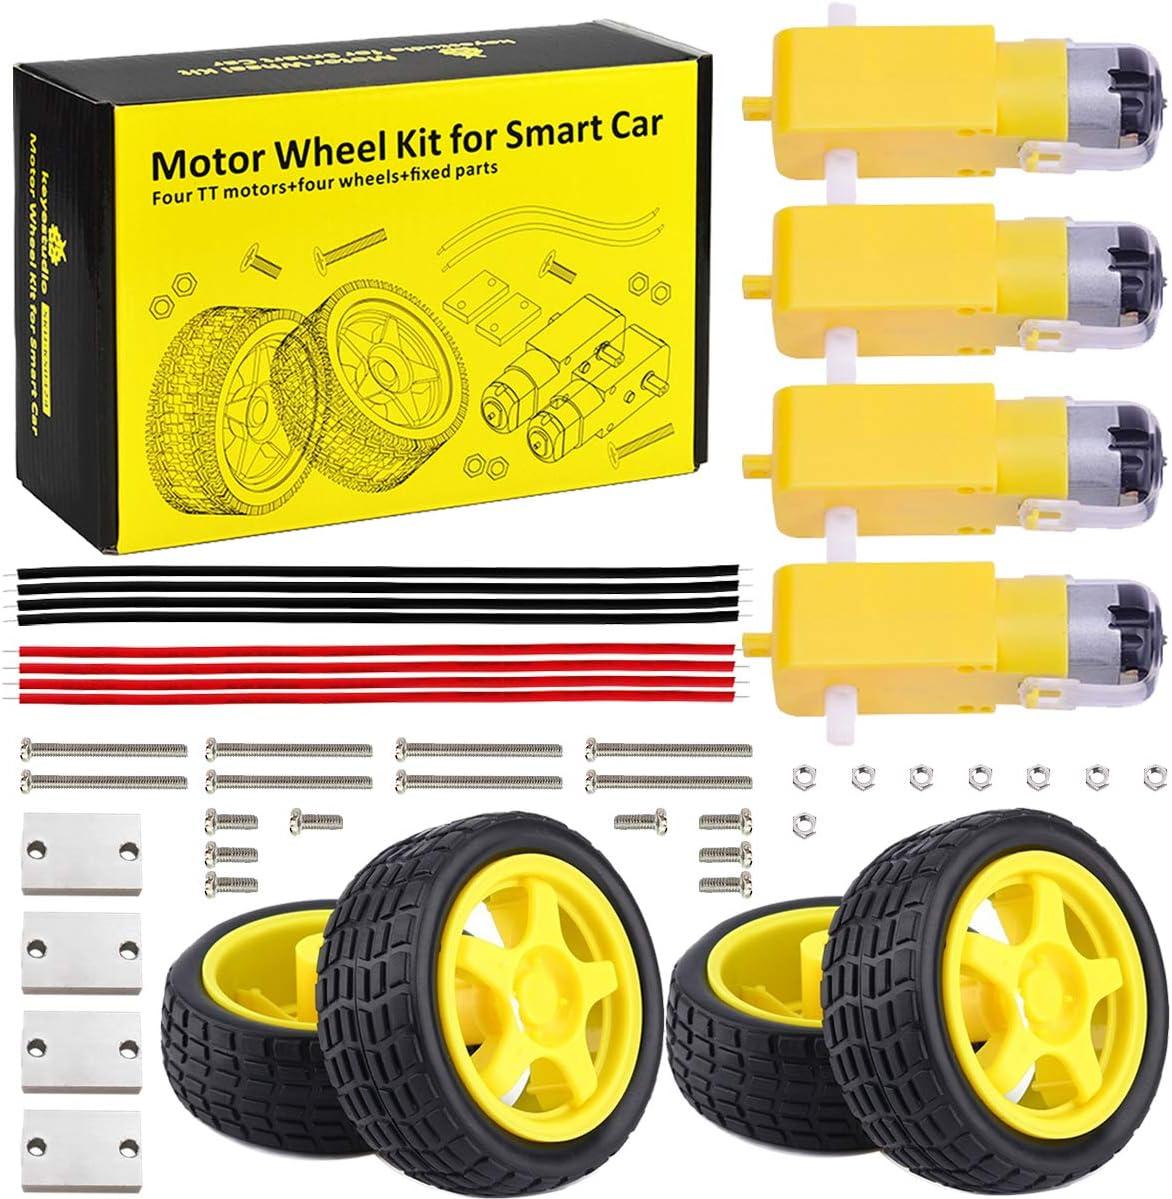 KEYESTUDIO DC TT Motor Superlatite + Rubber Starter for DIY Tires Discount mail order Kit Wheel